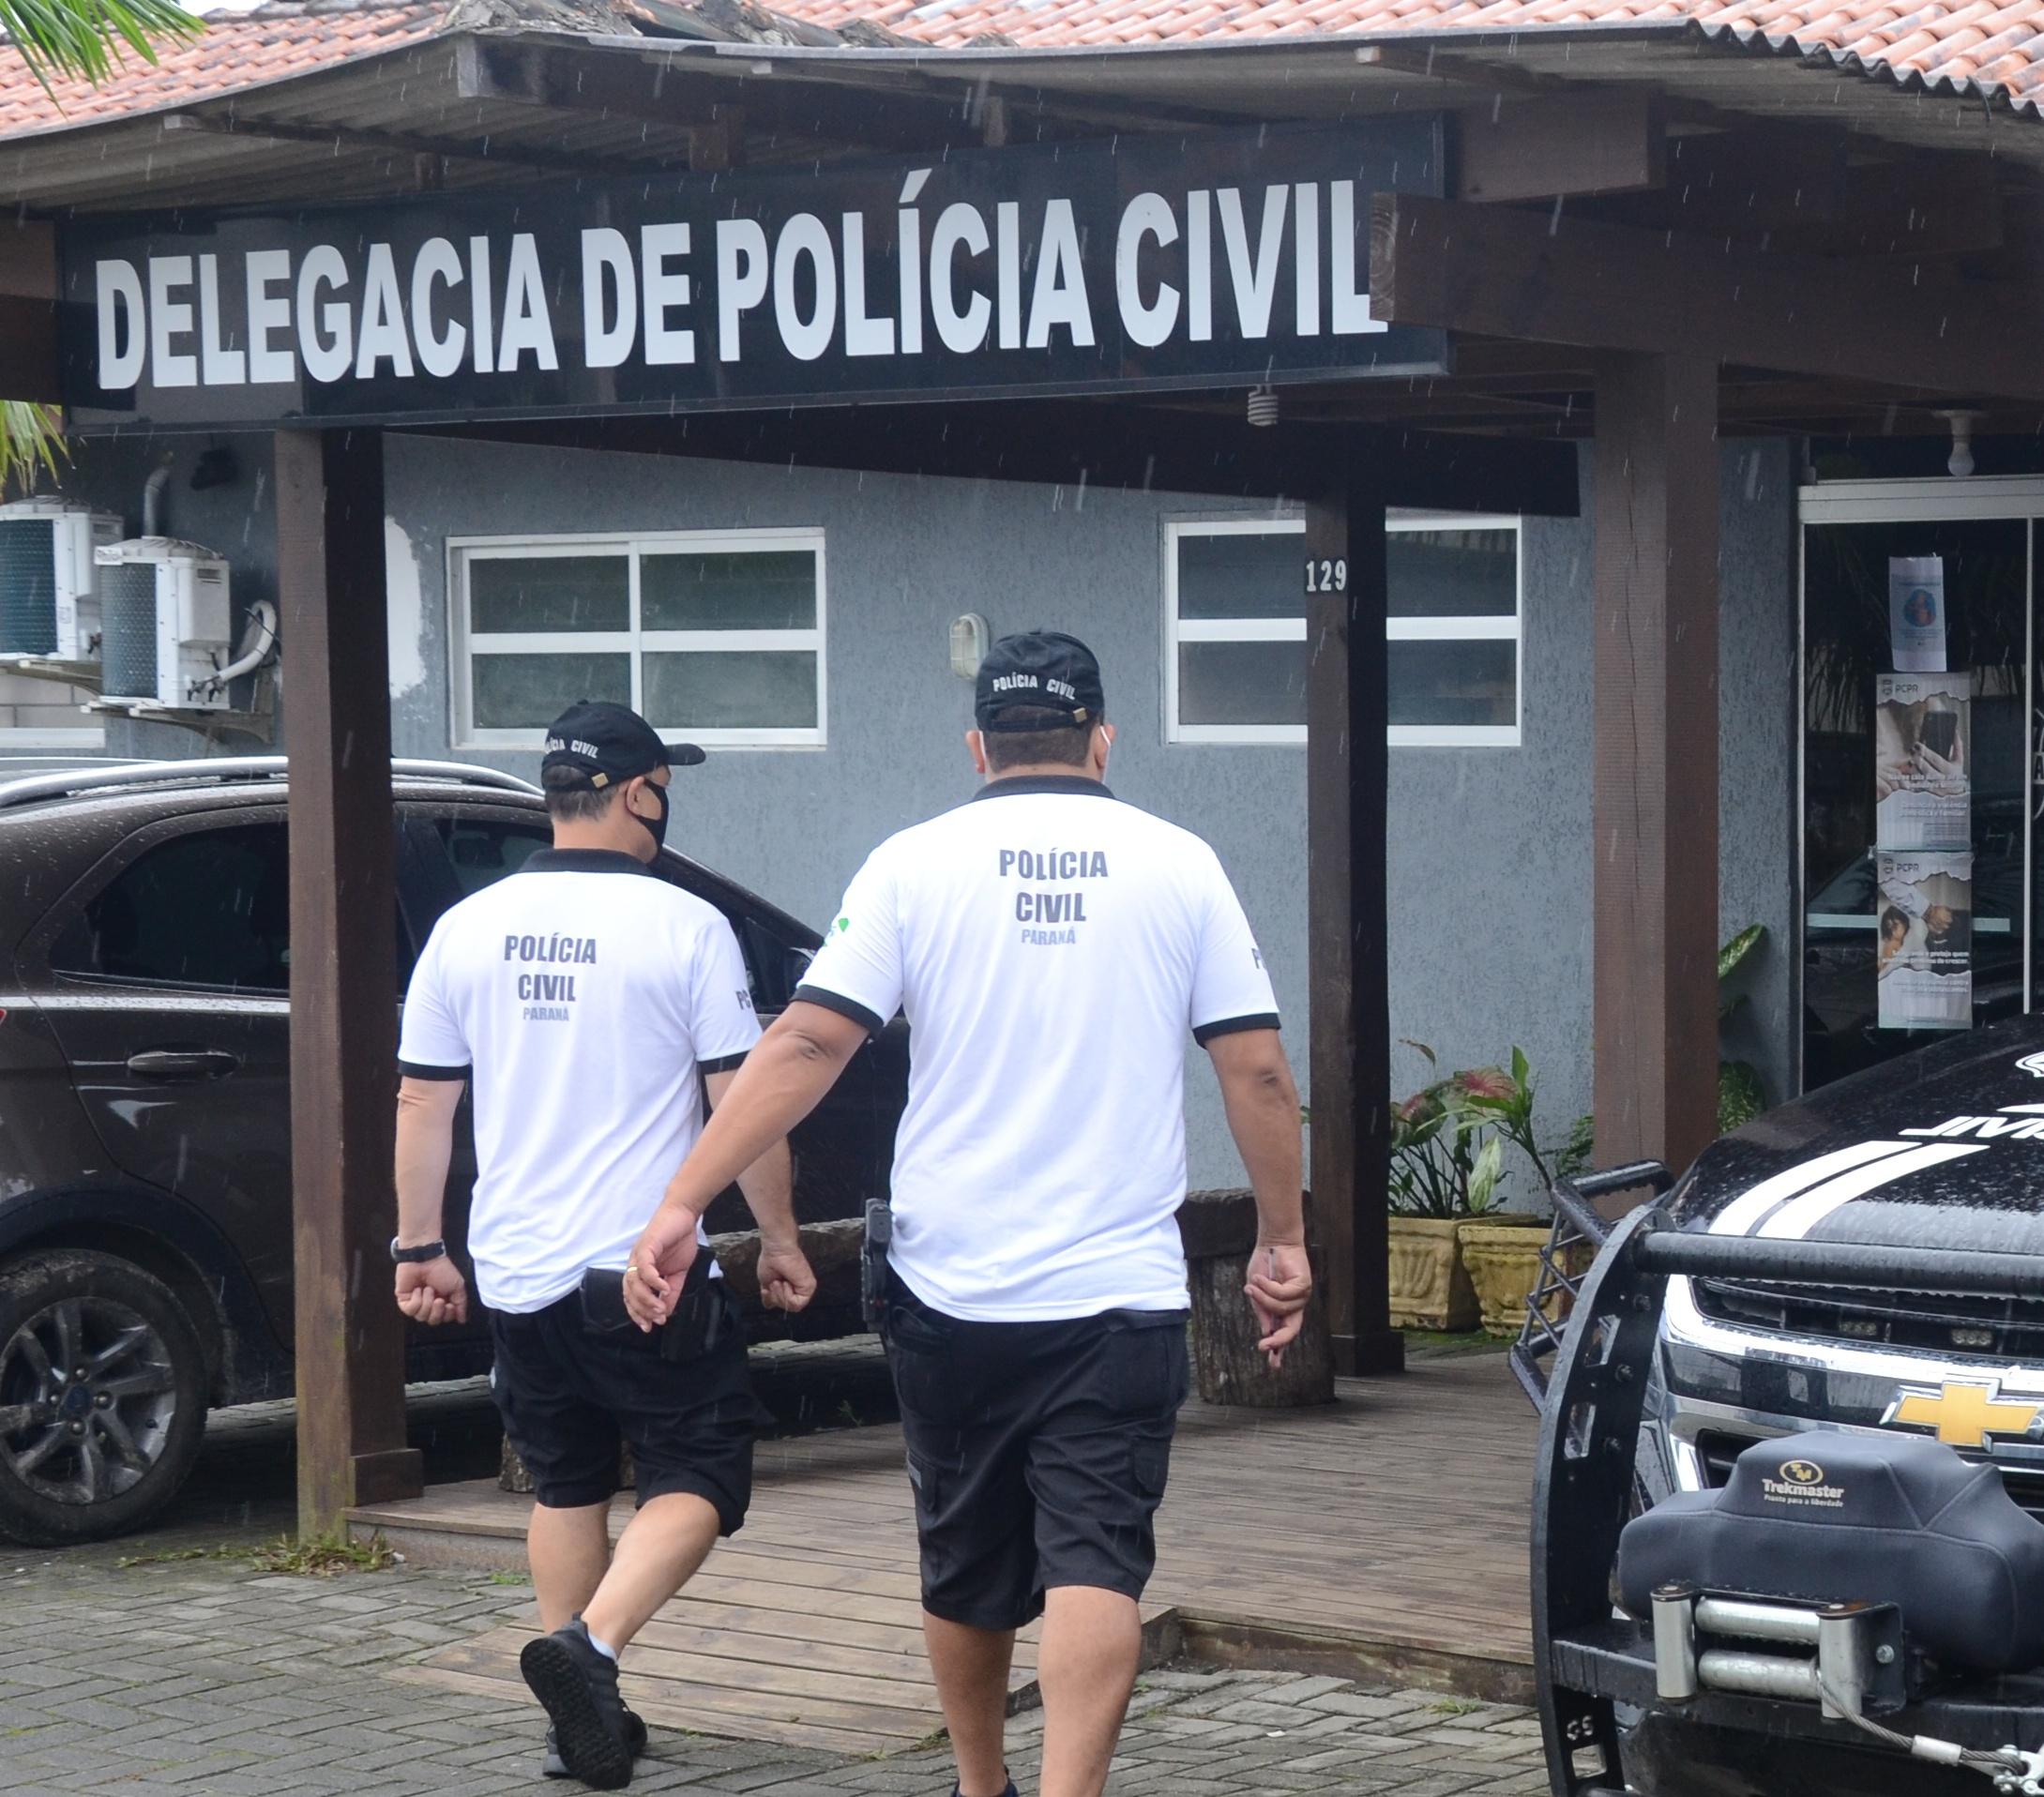 PCPR prende homem em flagrante por maus-tratos a animal em Pontal do Paraná